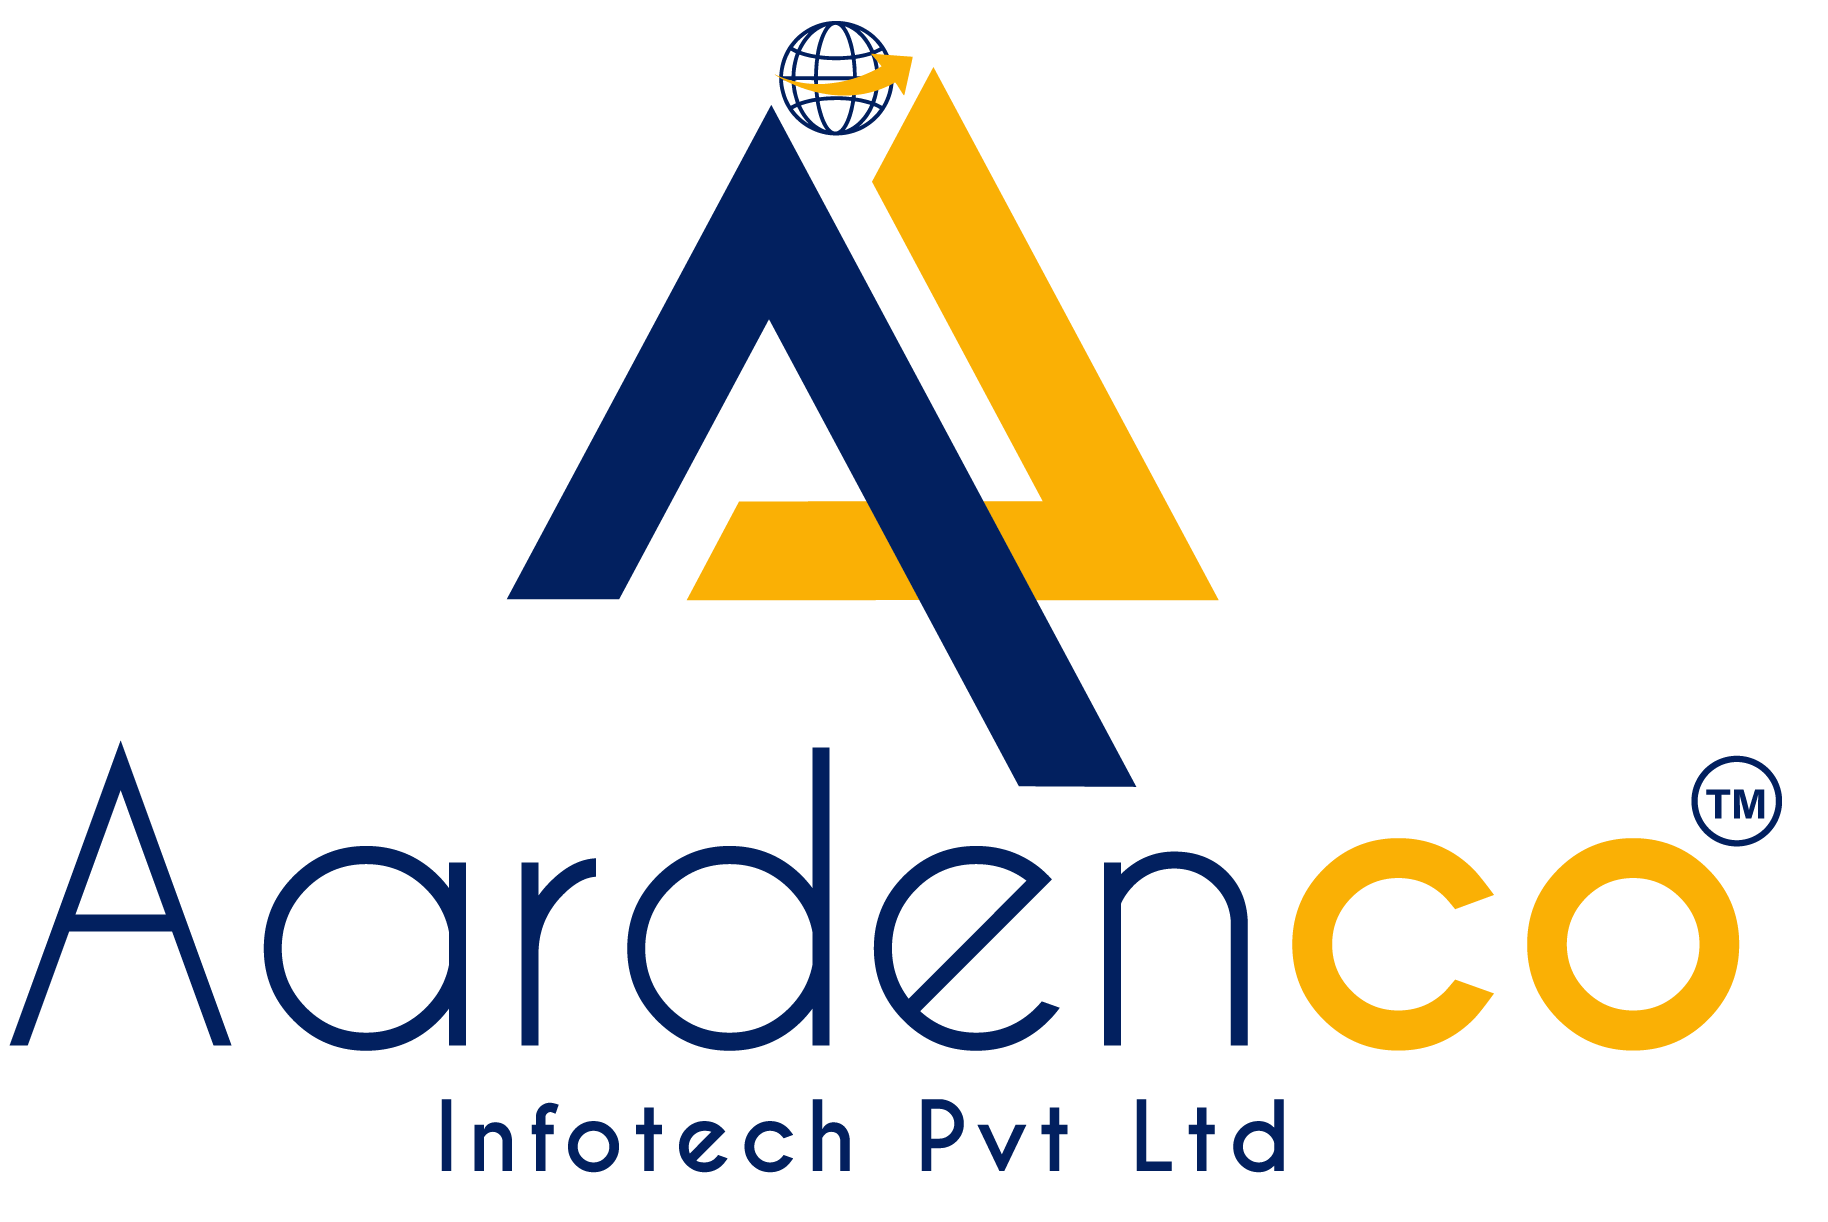 Aardenco Infotech Pvt Ltd Logo